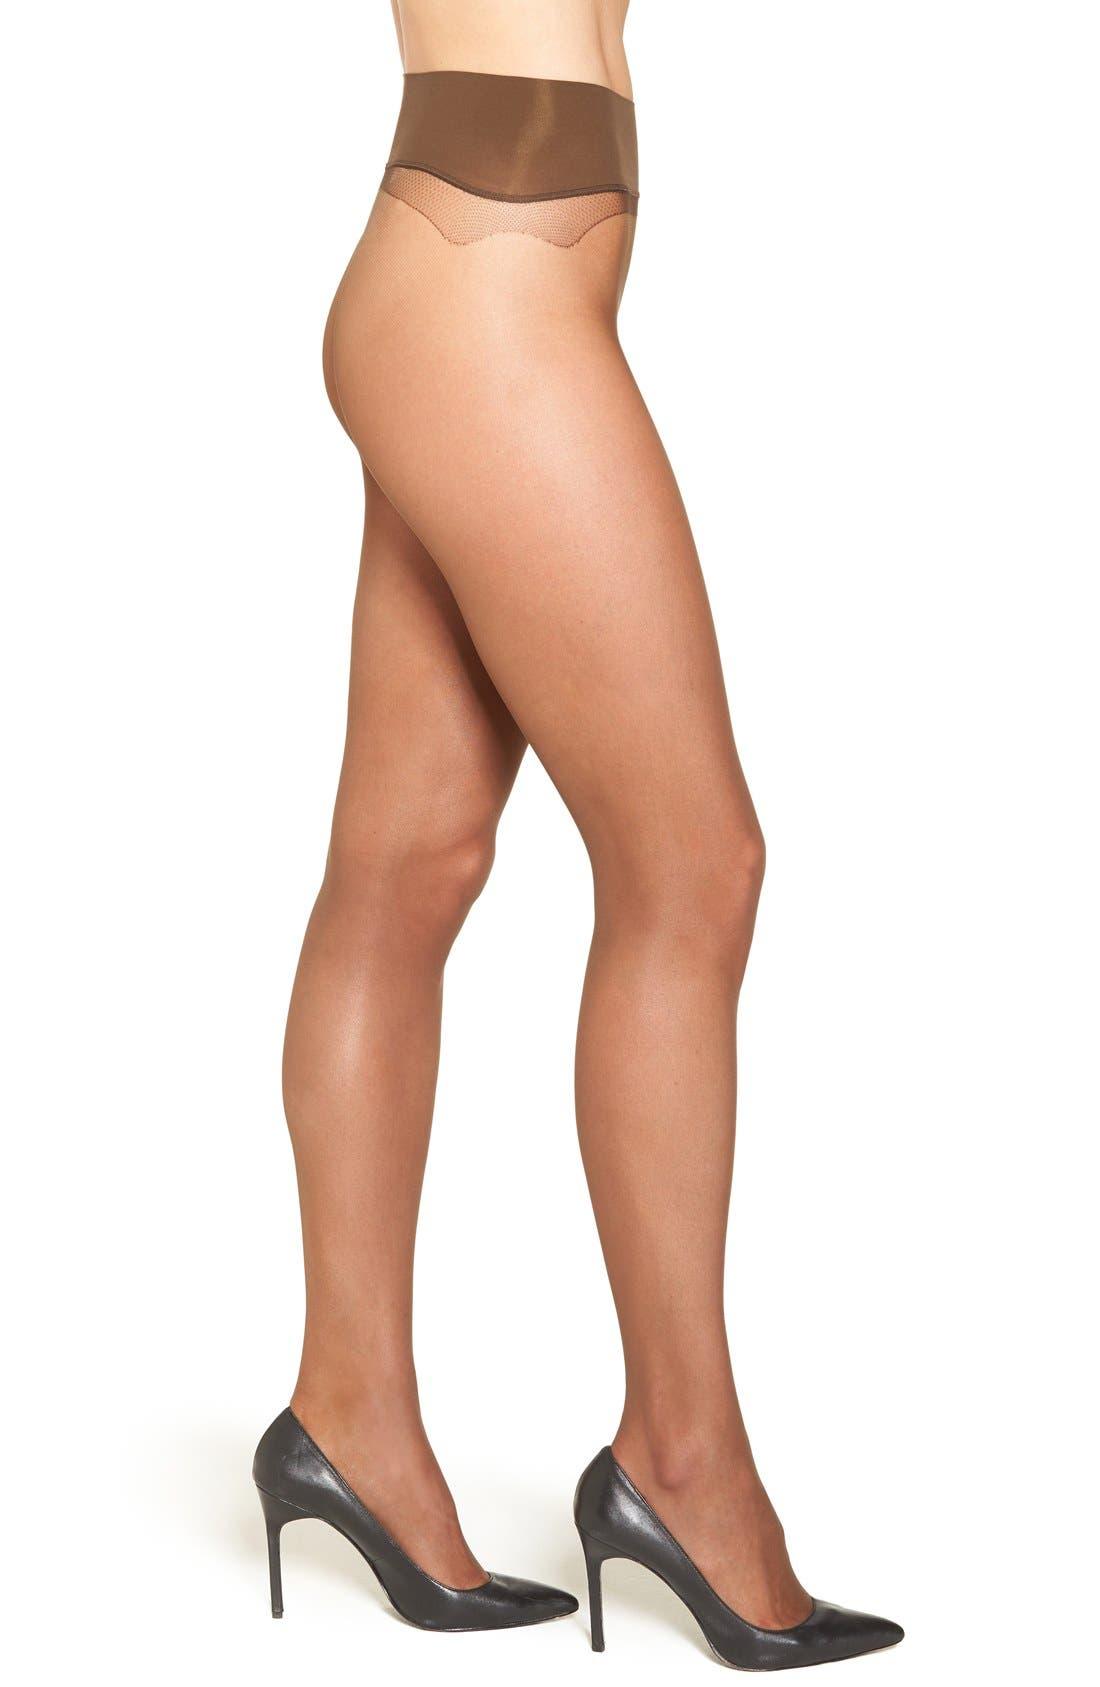 Main Image - Nordstrom Seamless Sheer Pantyhose